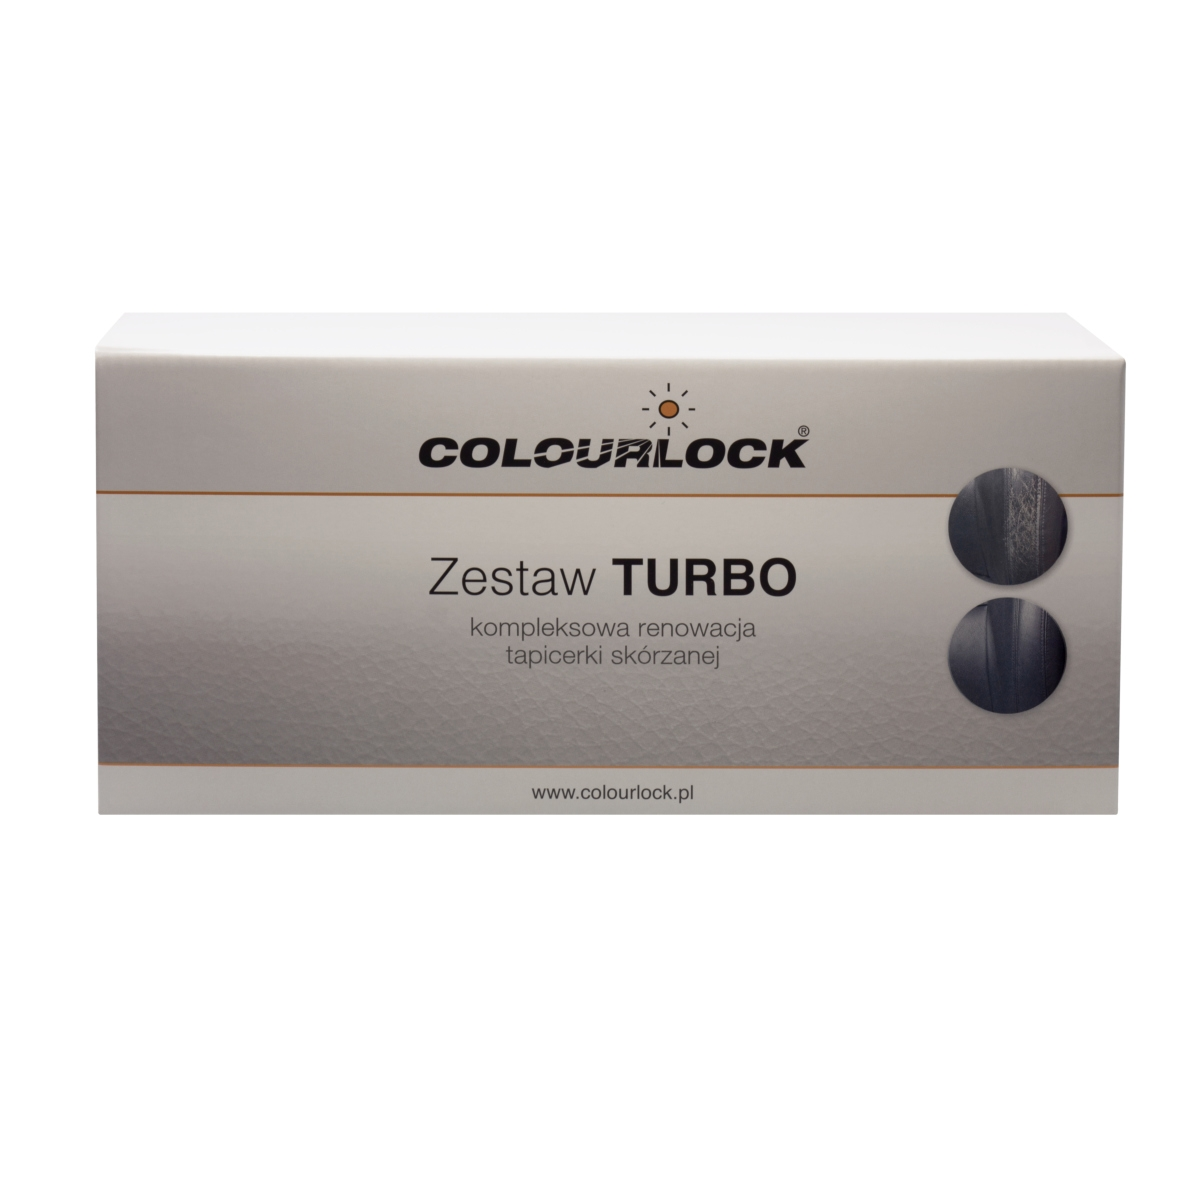 Zestaw Colourlock Turbo renowacja skórzanej tapicerki